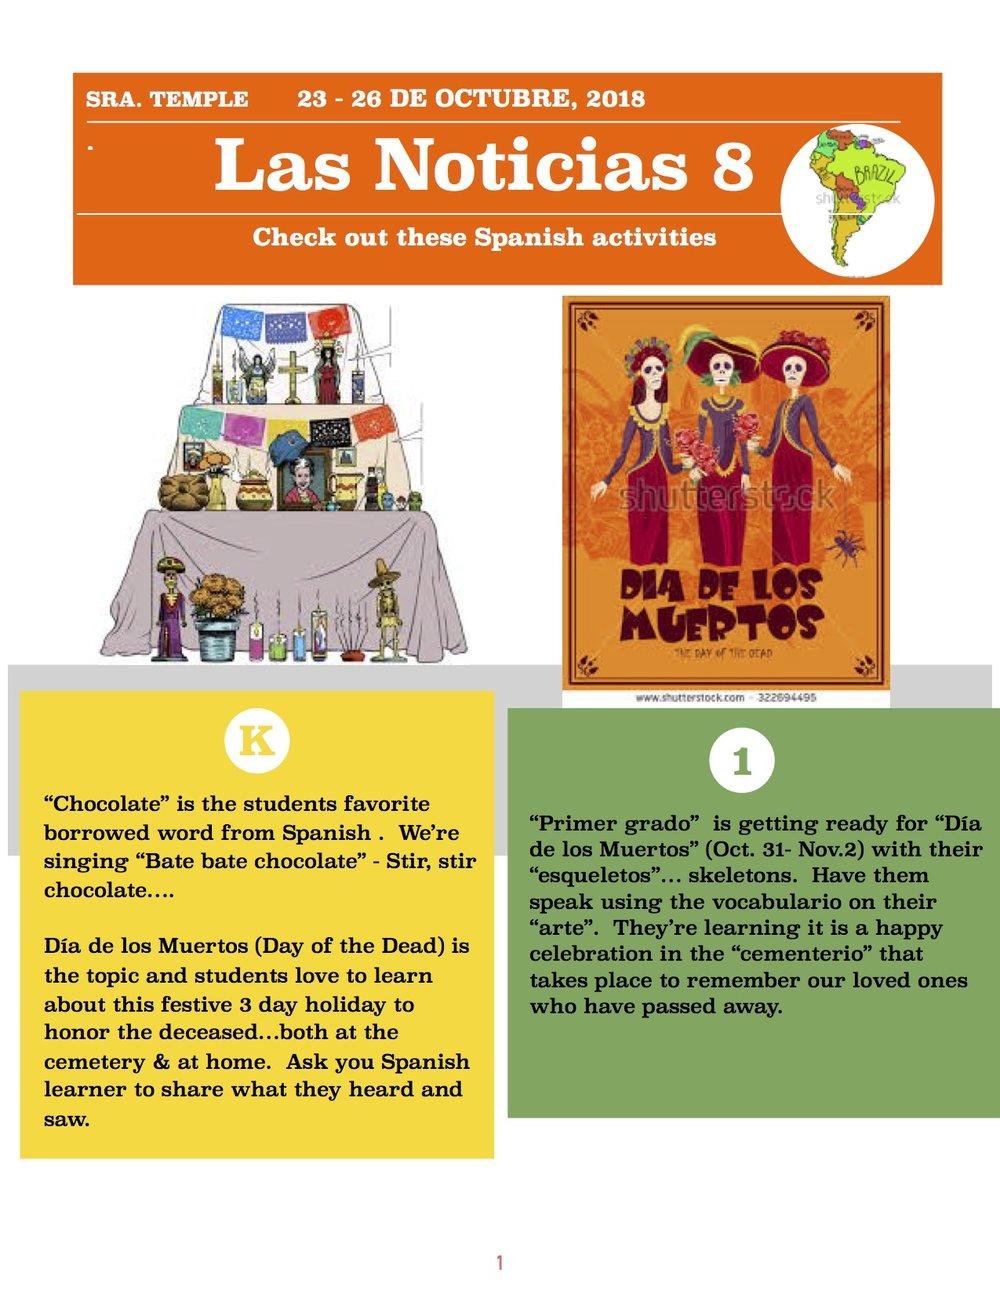 Noticias 8 Page 1.jpg